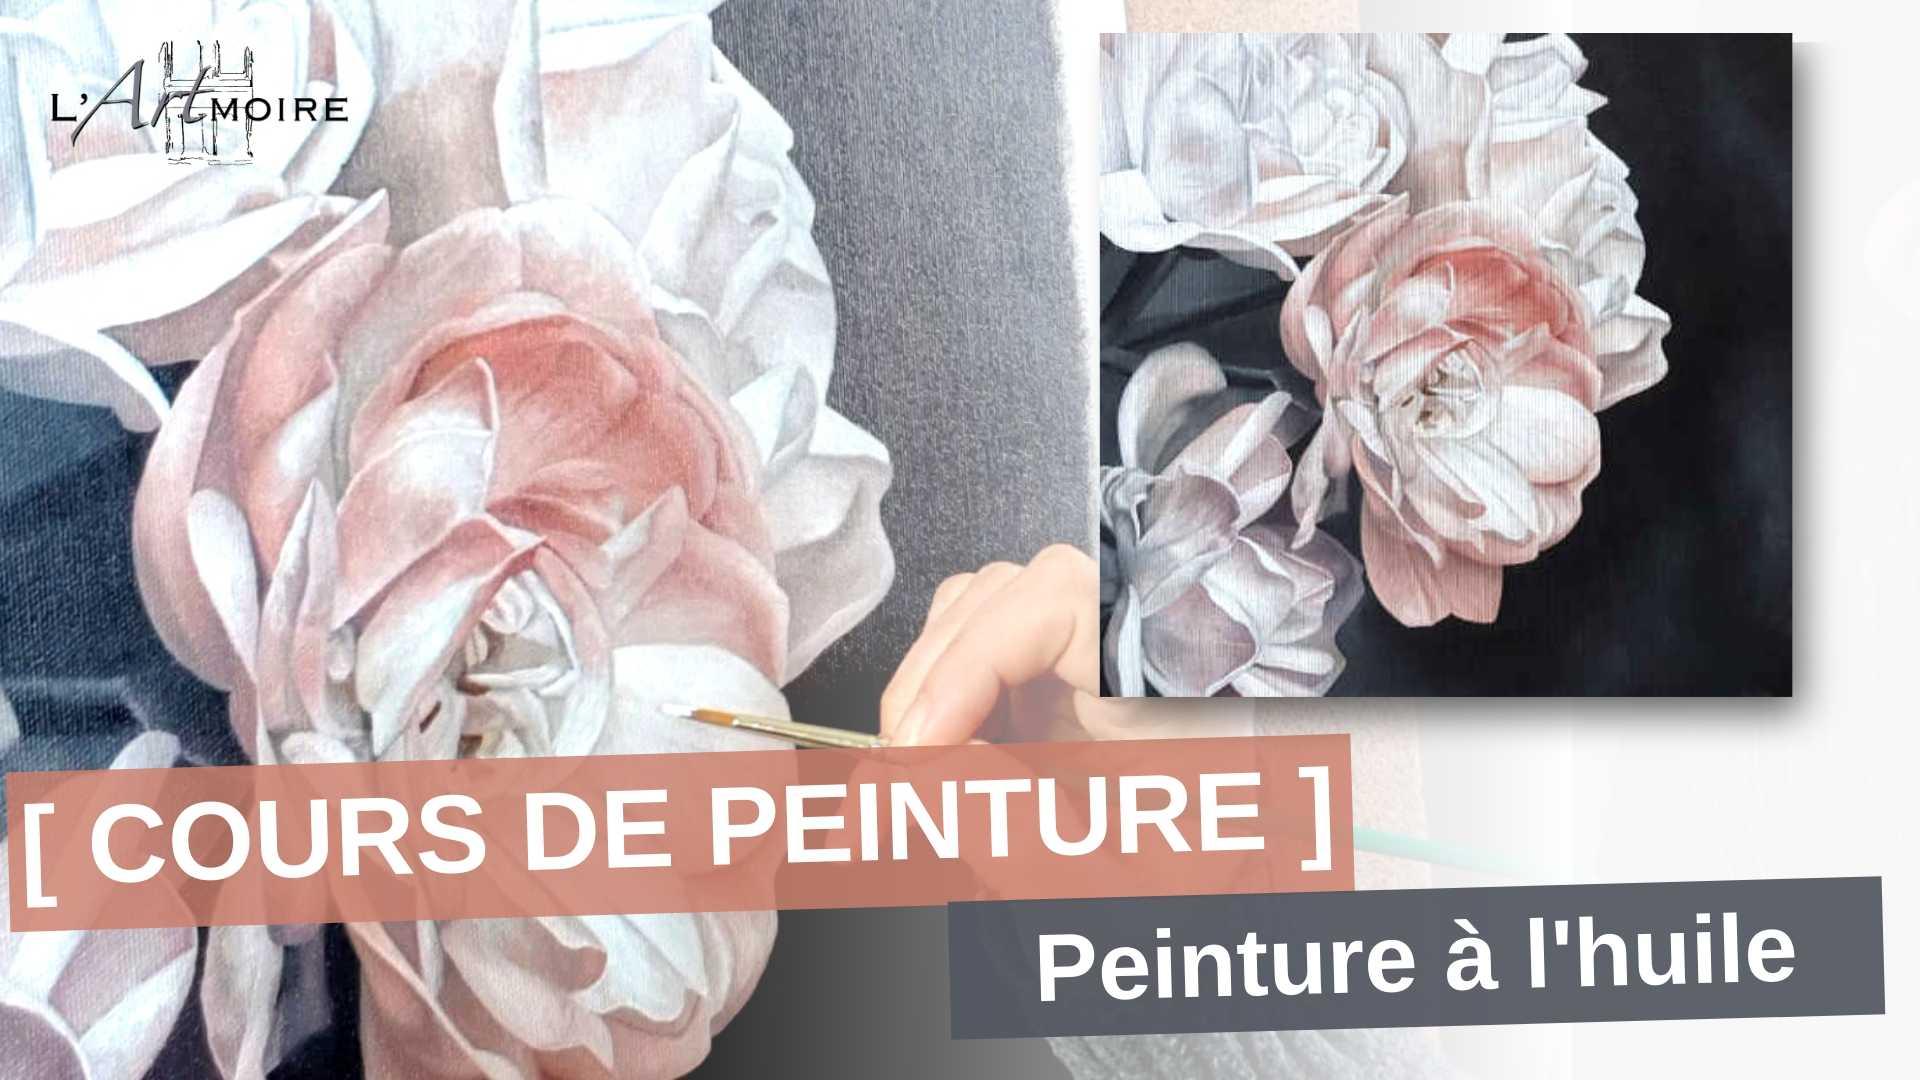 Cours de peinture gratuit peindre une fleur peinture à l'huile